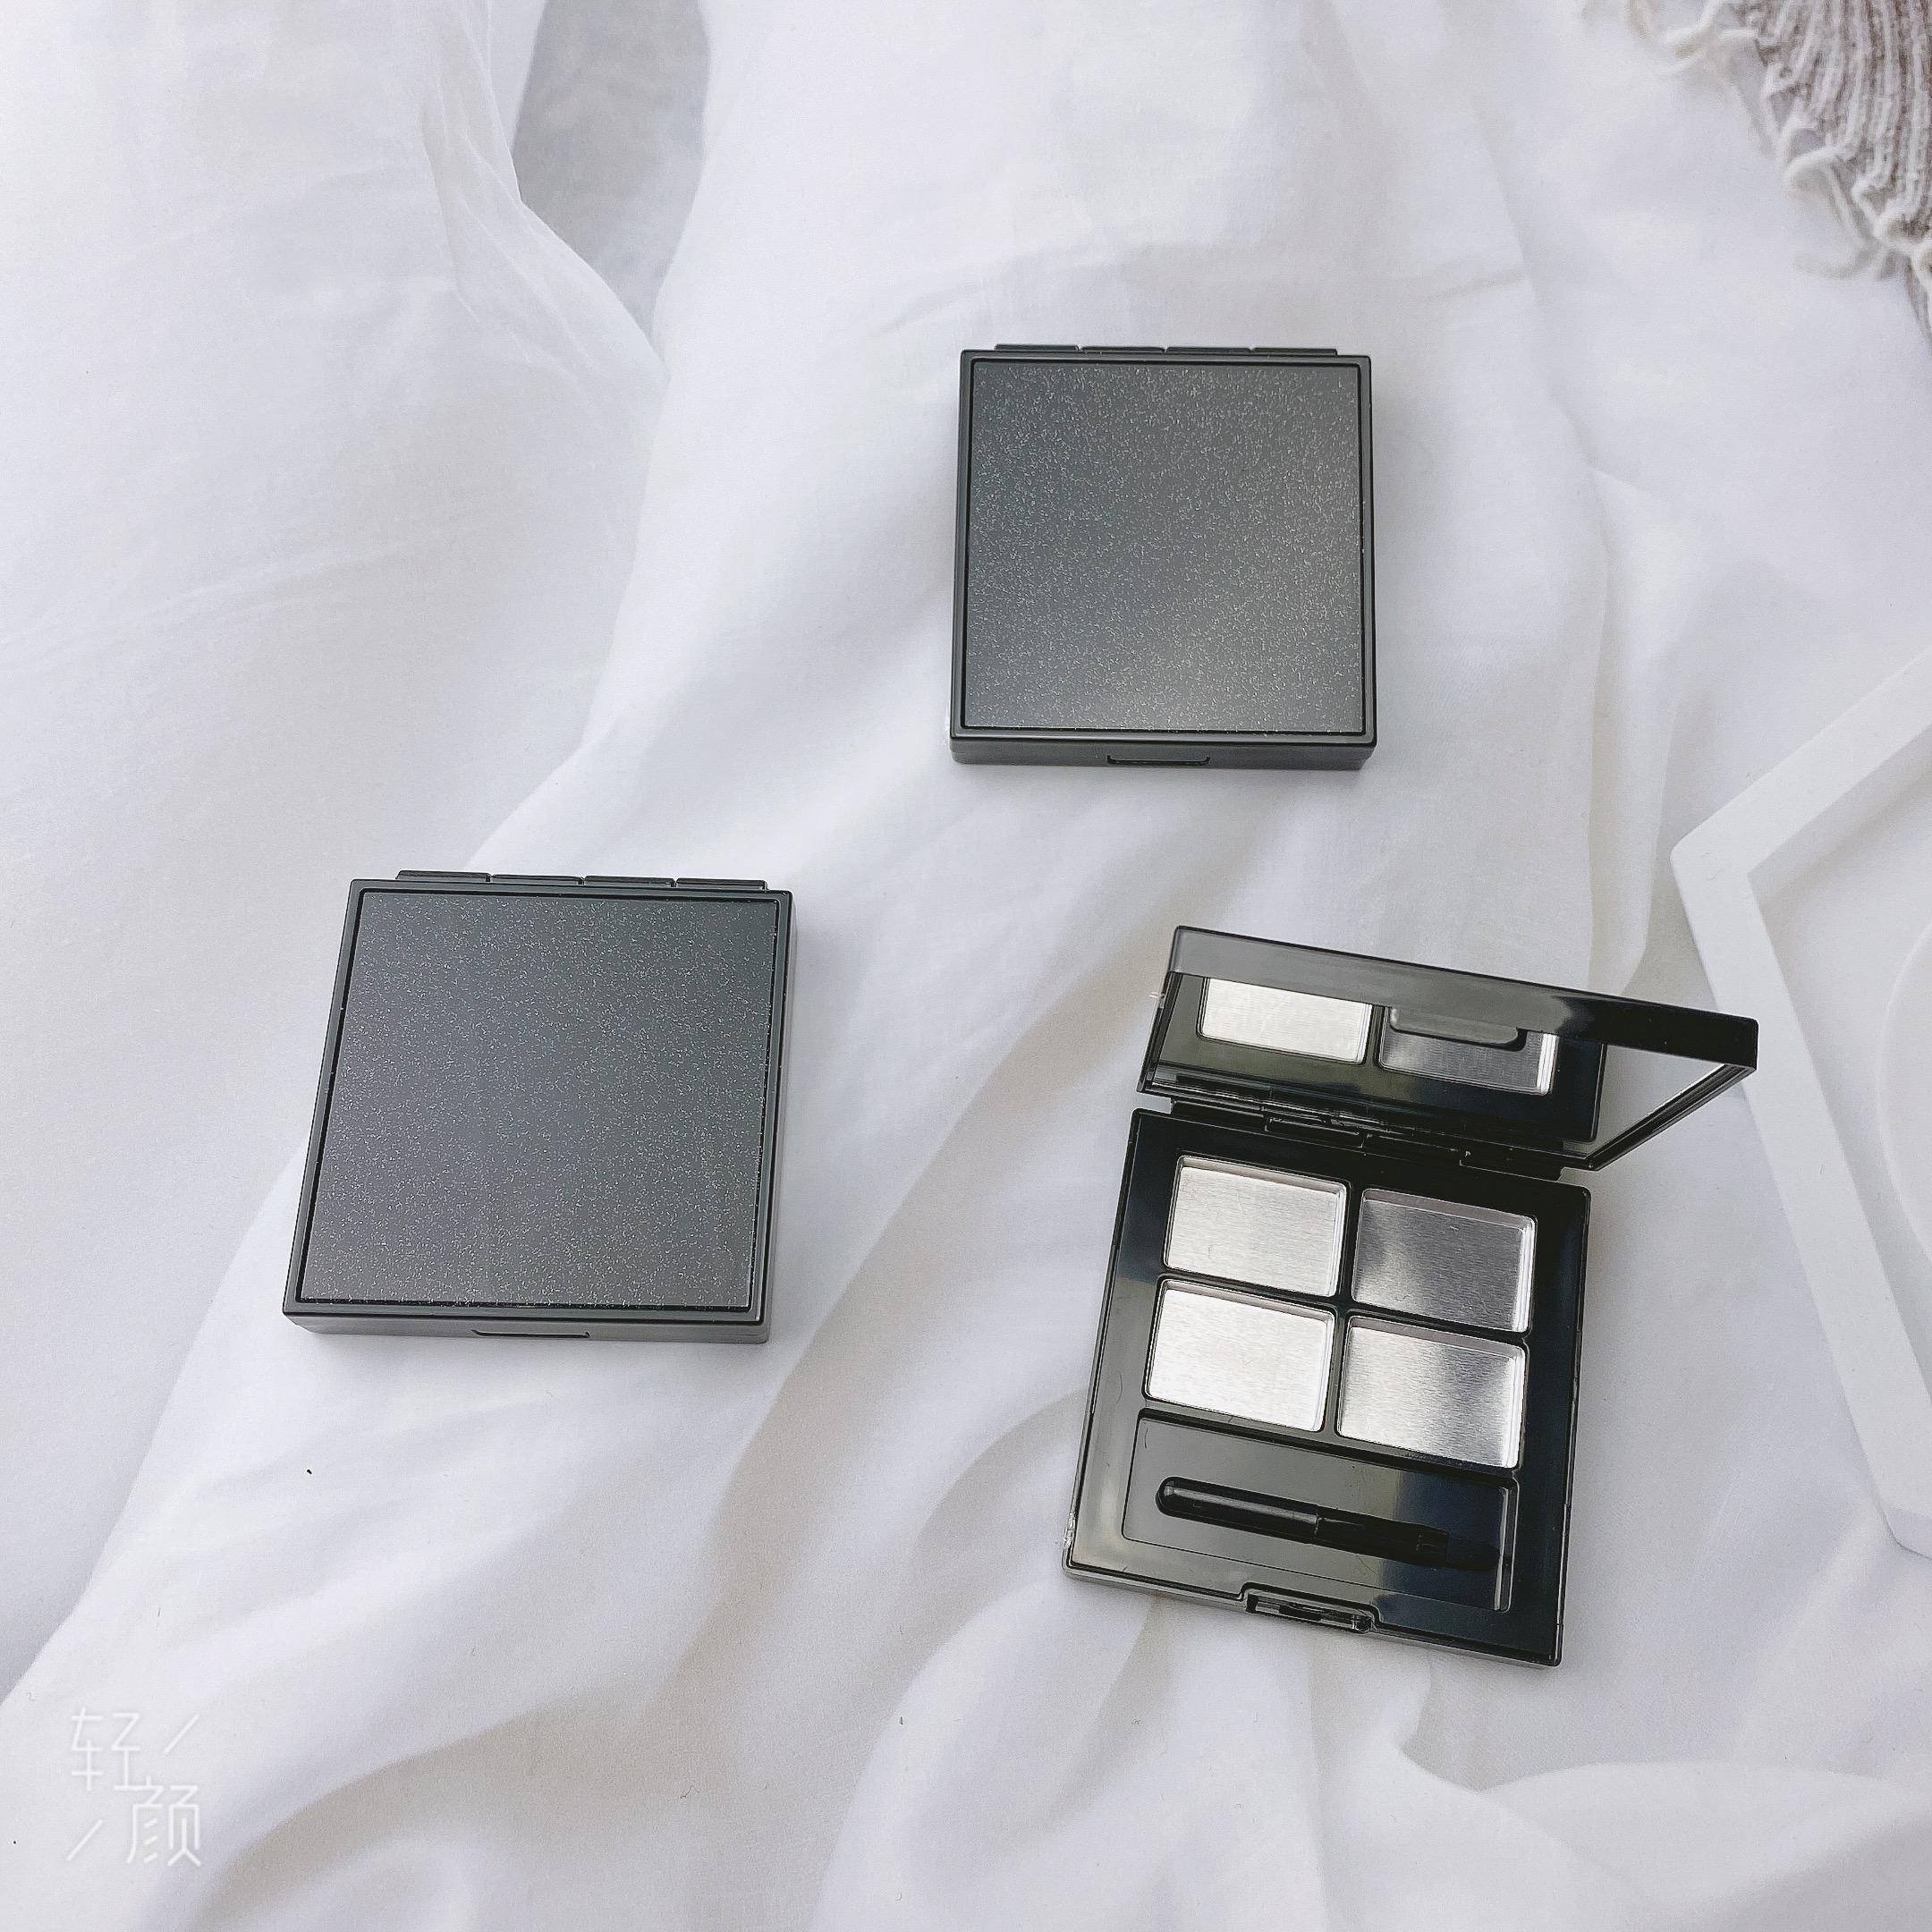 高檔星辰格试色口红分装盒手工眼影压盘工具自制彩妆空盘试用包详细照片